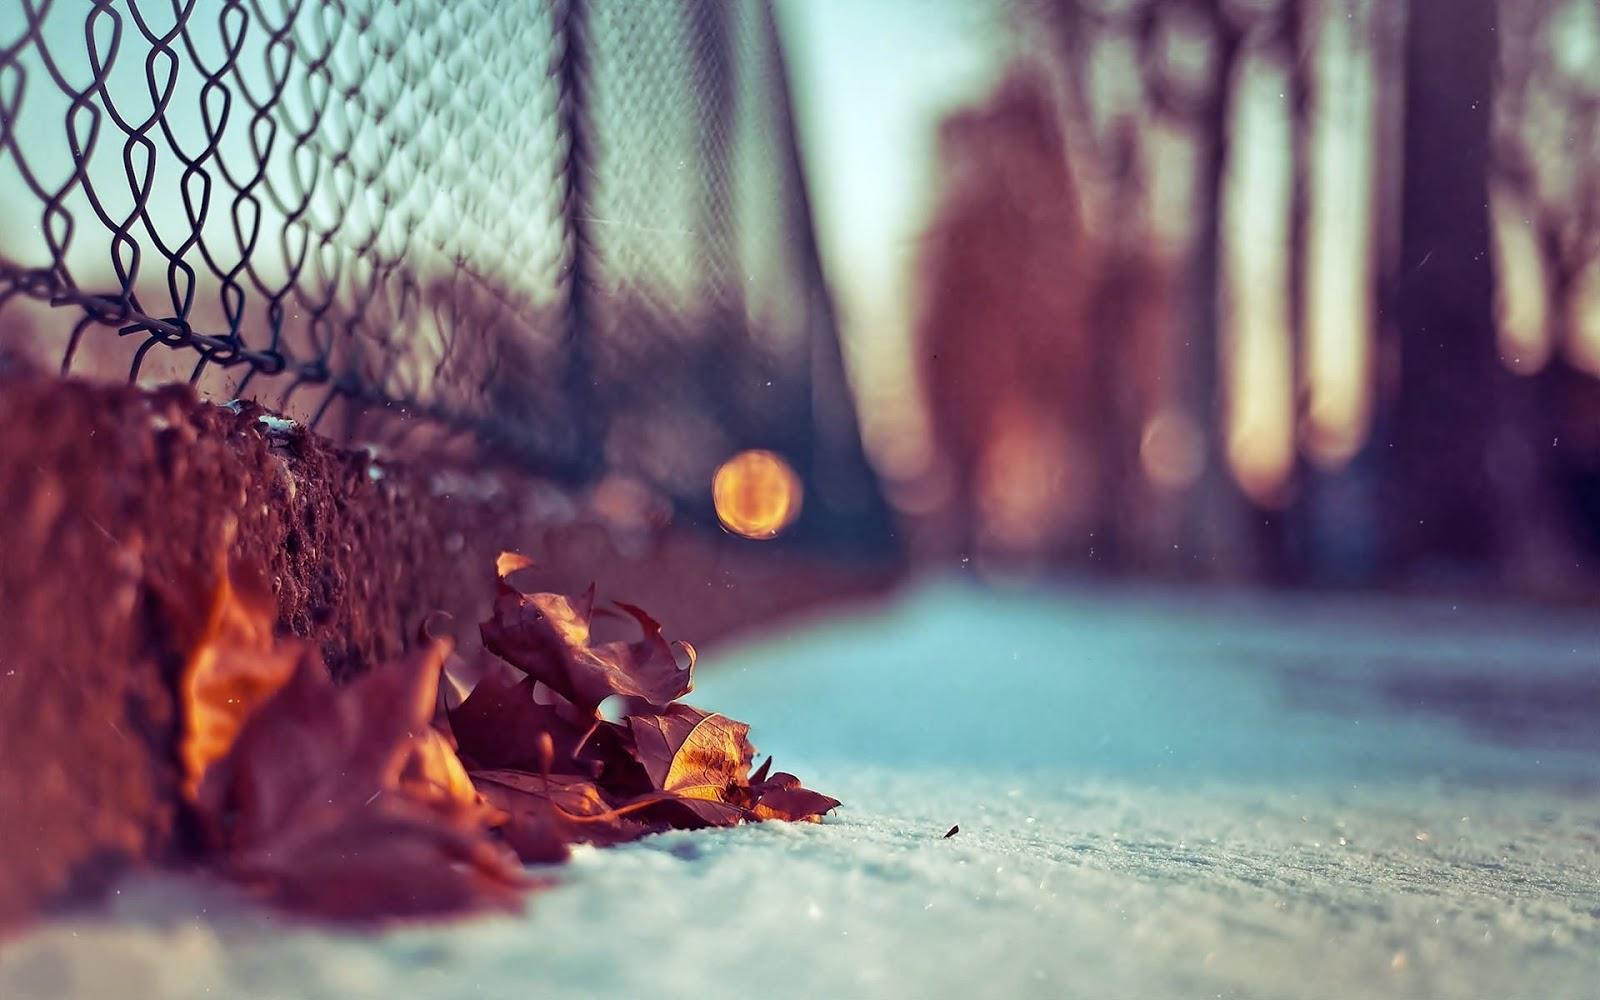 صورة تصاميم صور , اشكال جميلة لتصماميم الصور